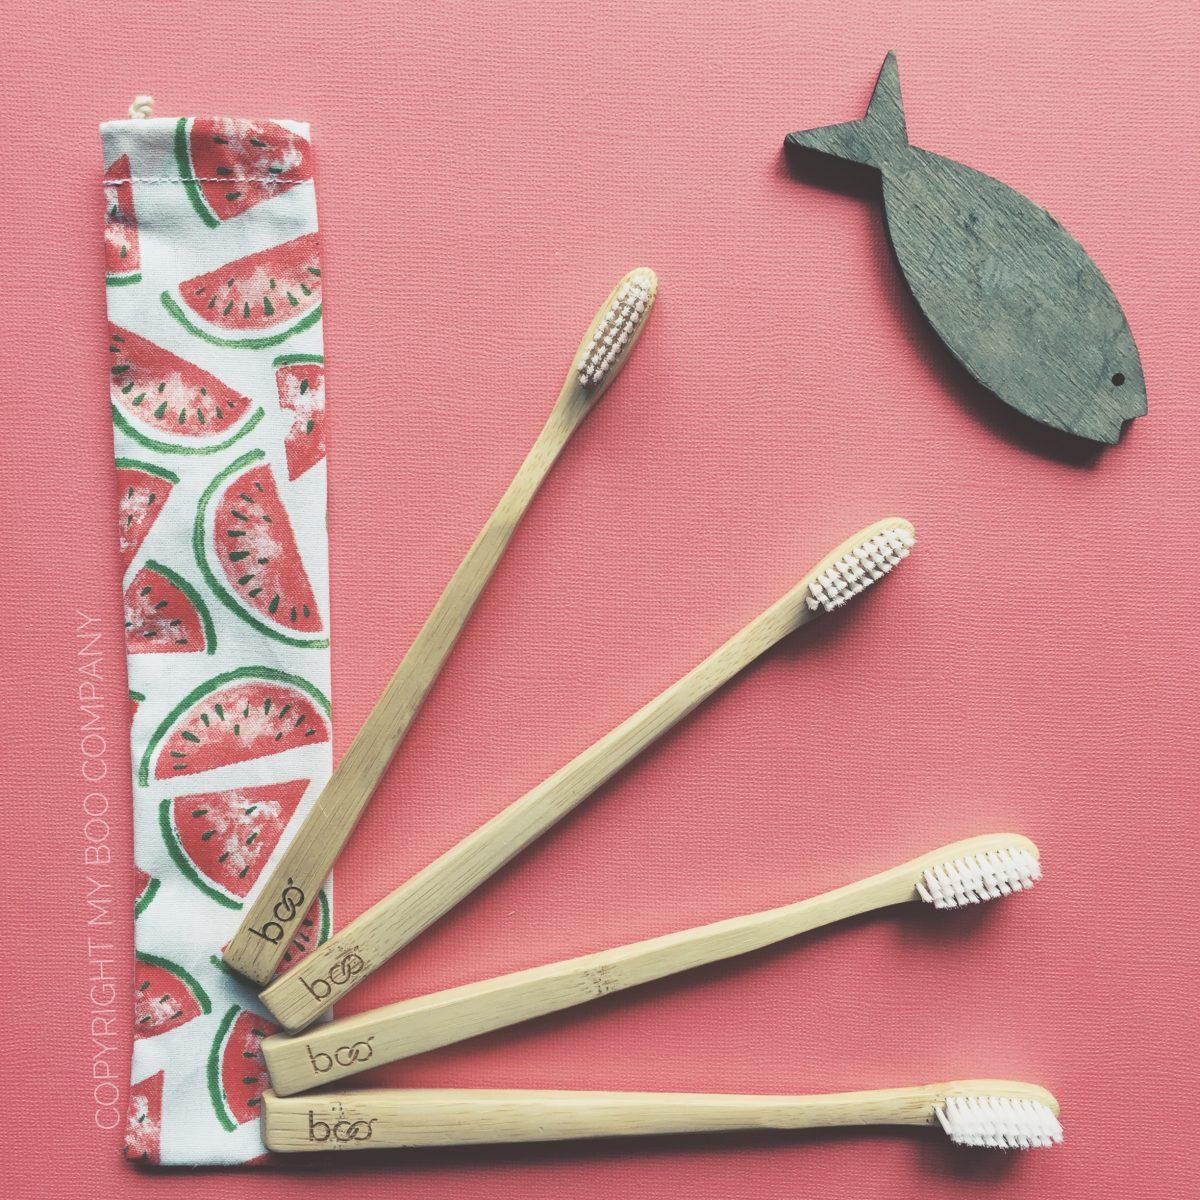 Devenez éco-responsable en adoptant les brosses à dents de My Boo Company !